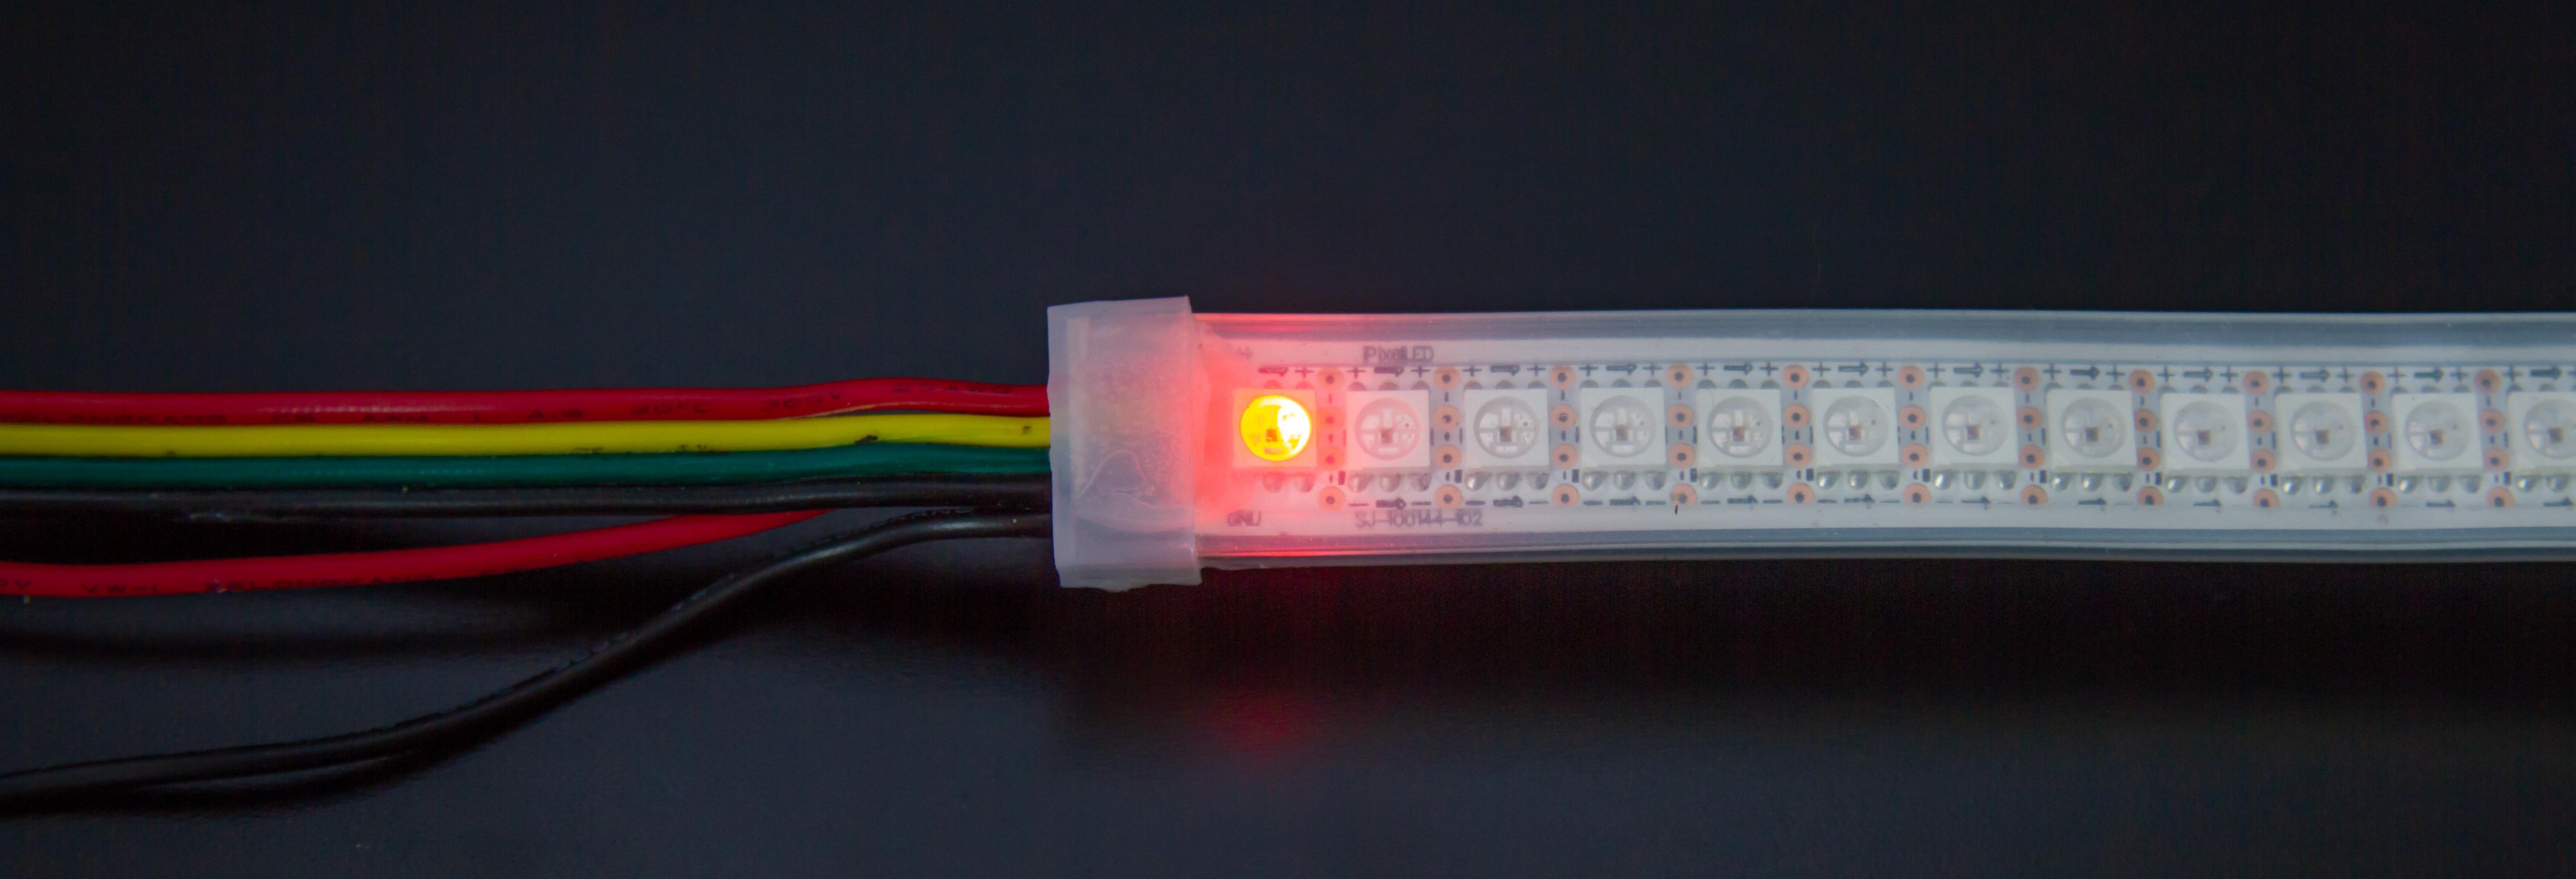 led_strips_DotStar_First_LED_Red.jpg